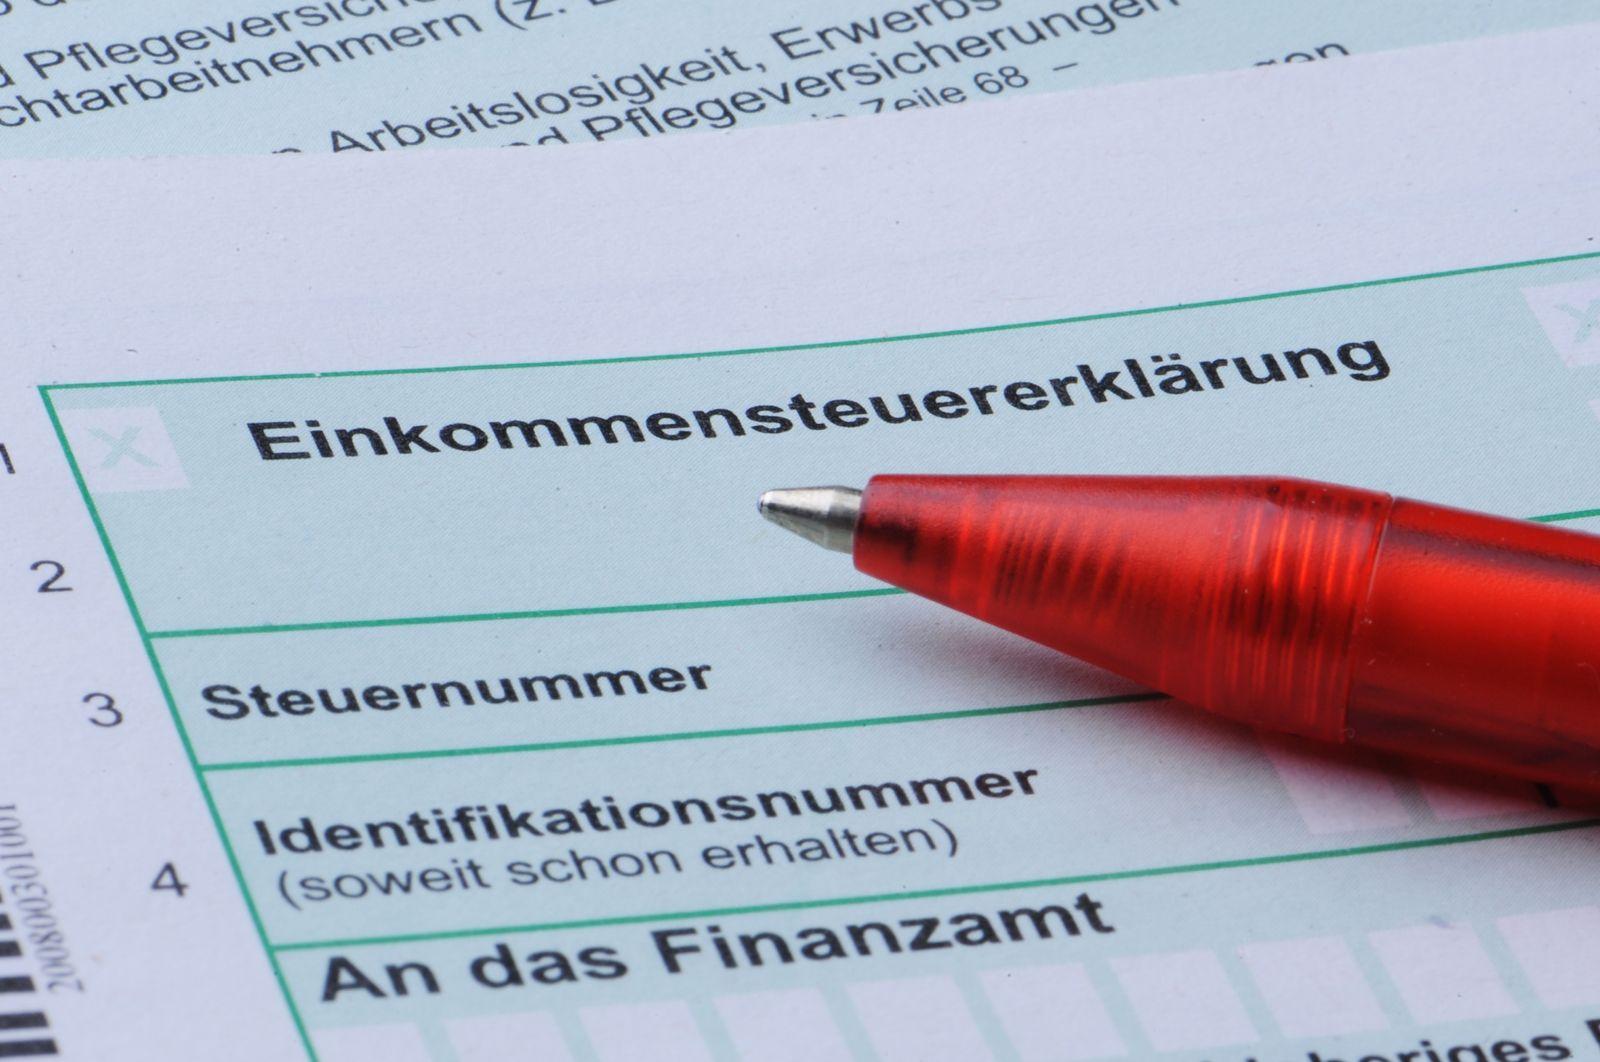 Formular zur Einkommenssteuererklärung